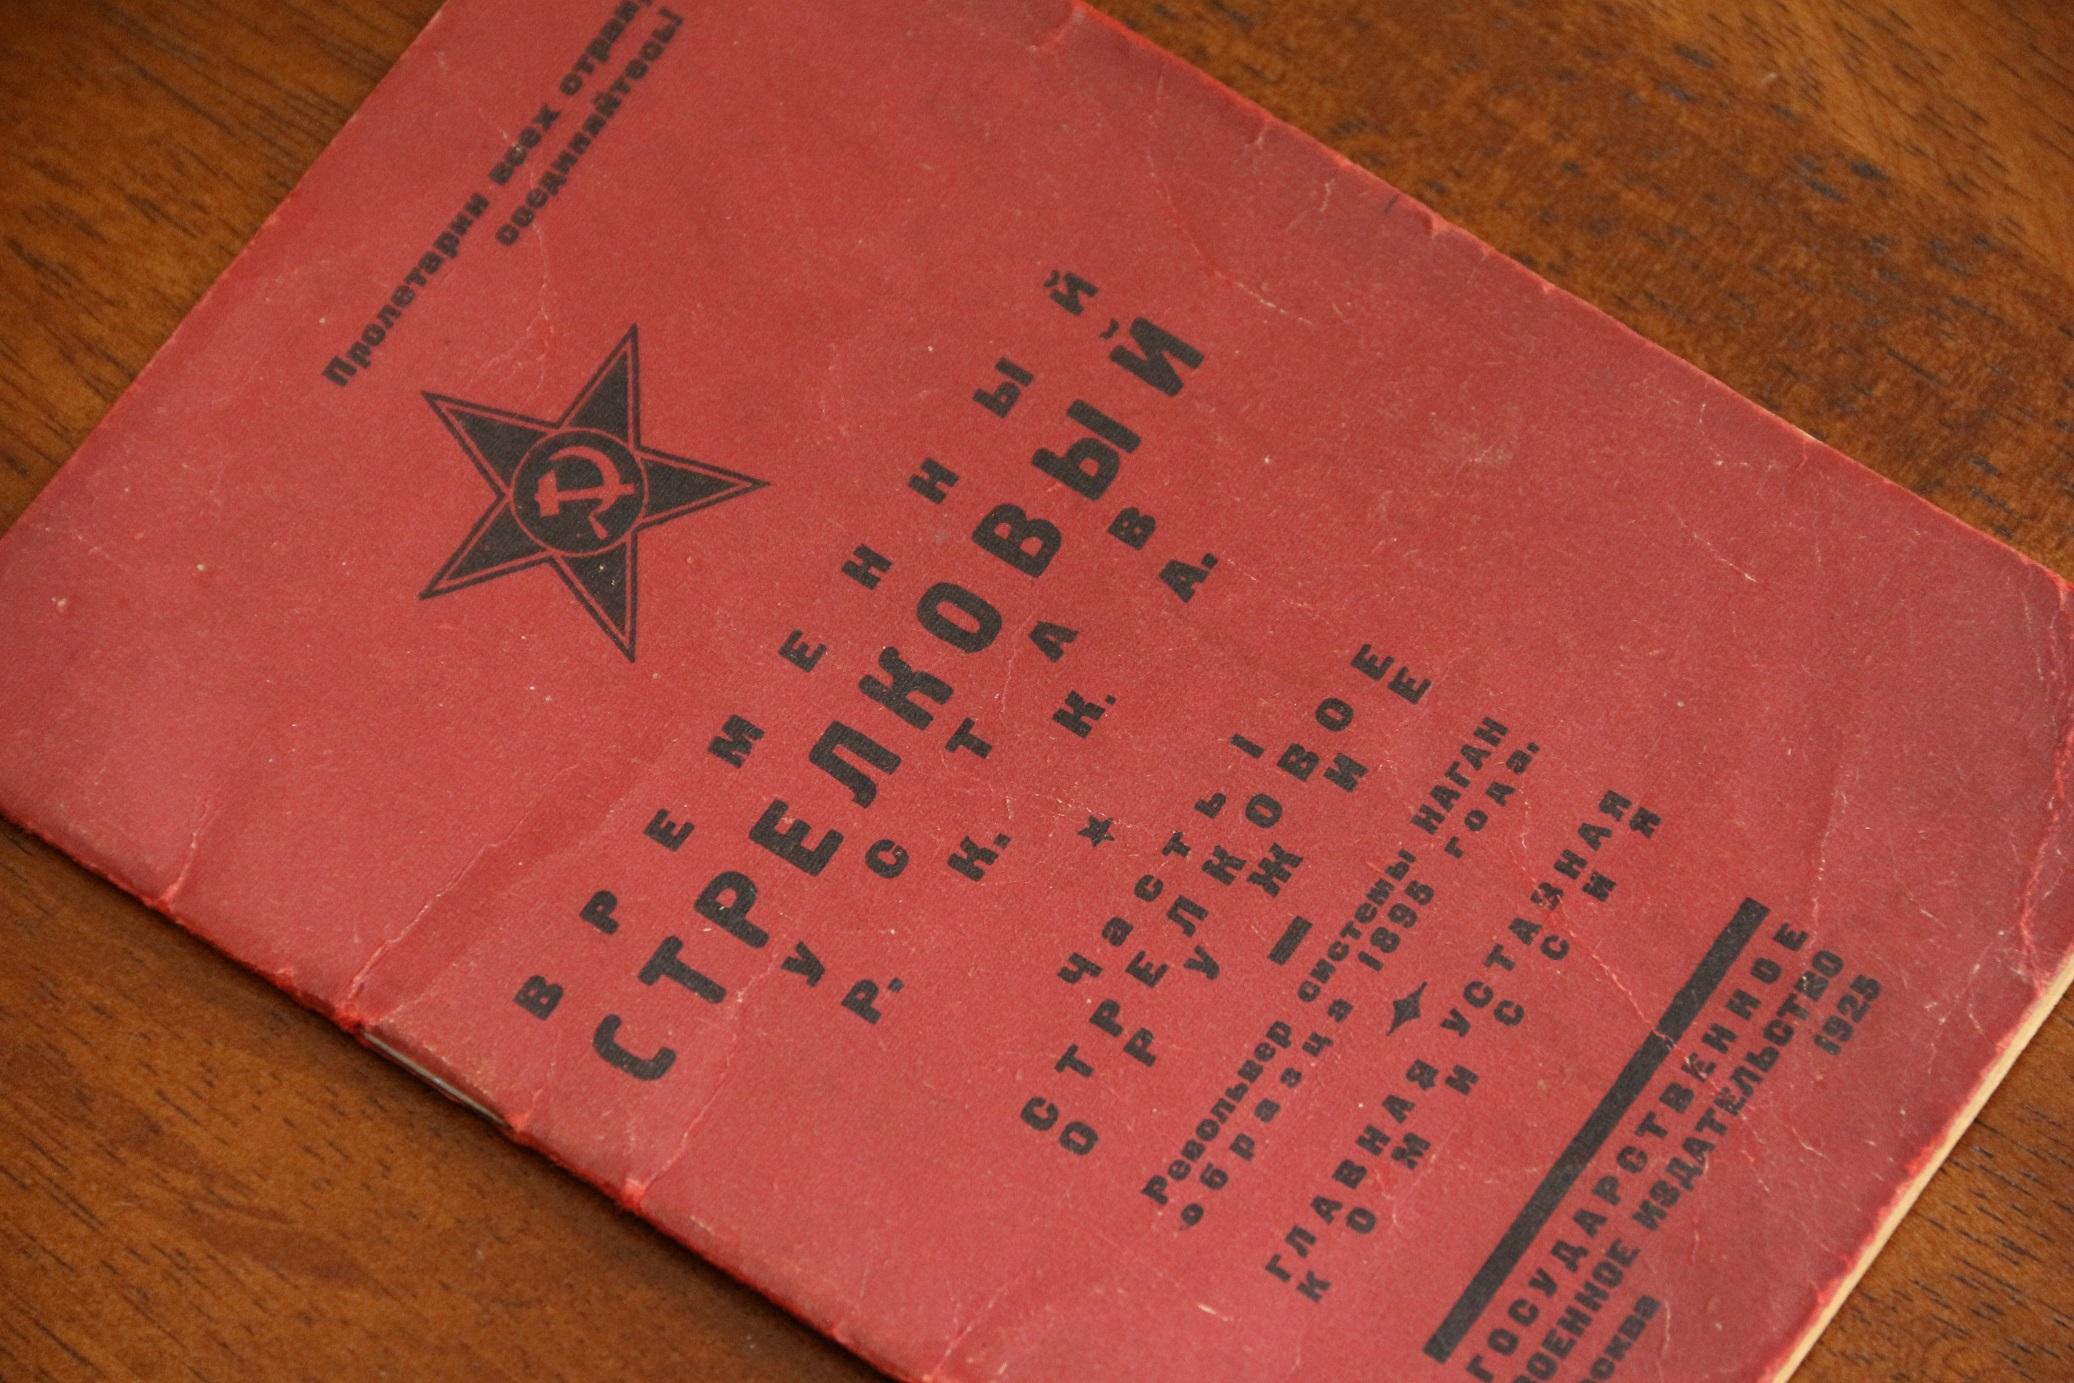 Временный стрелковый устав РККА револьвер системы Наган 1925 год